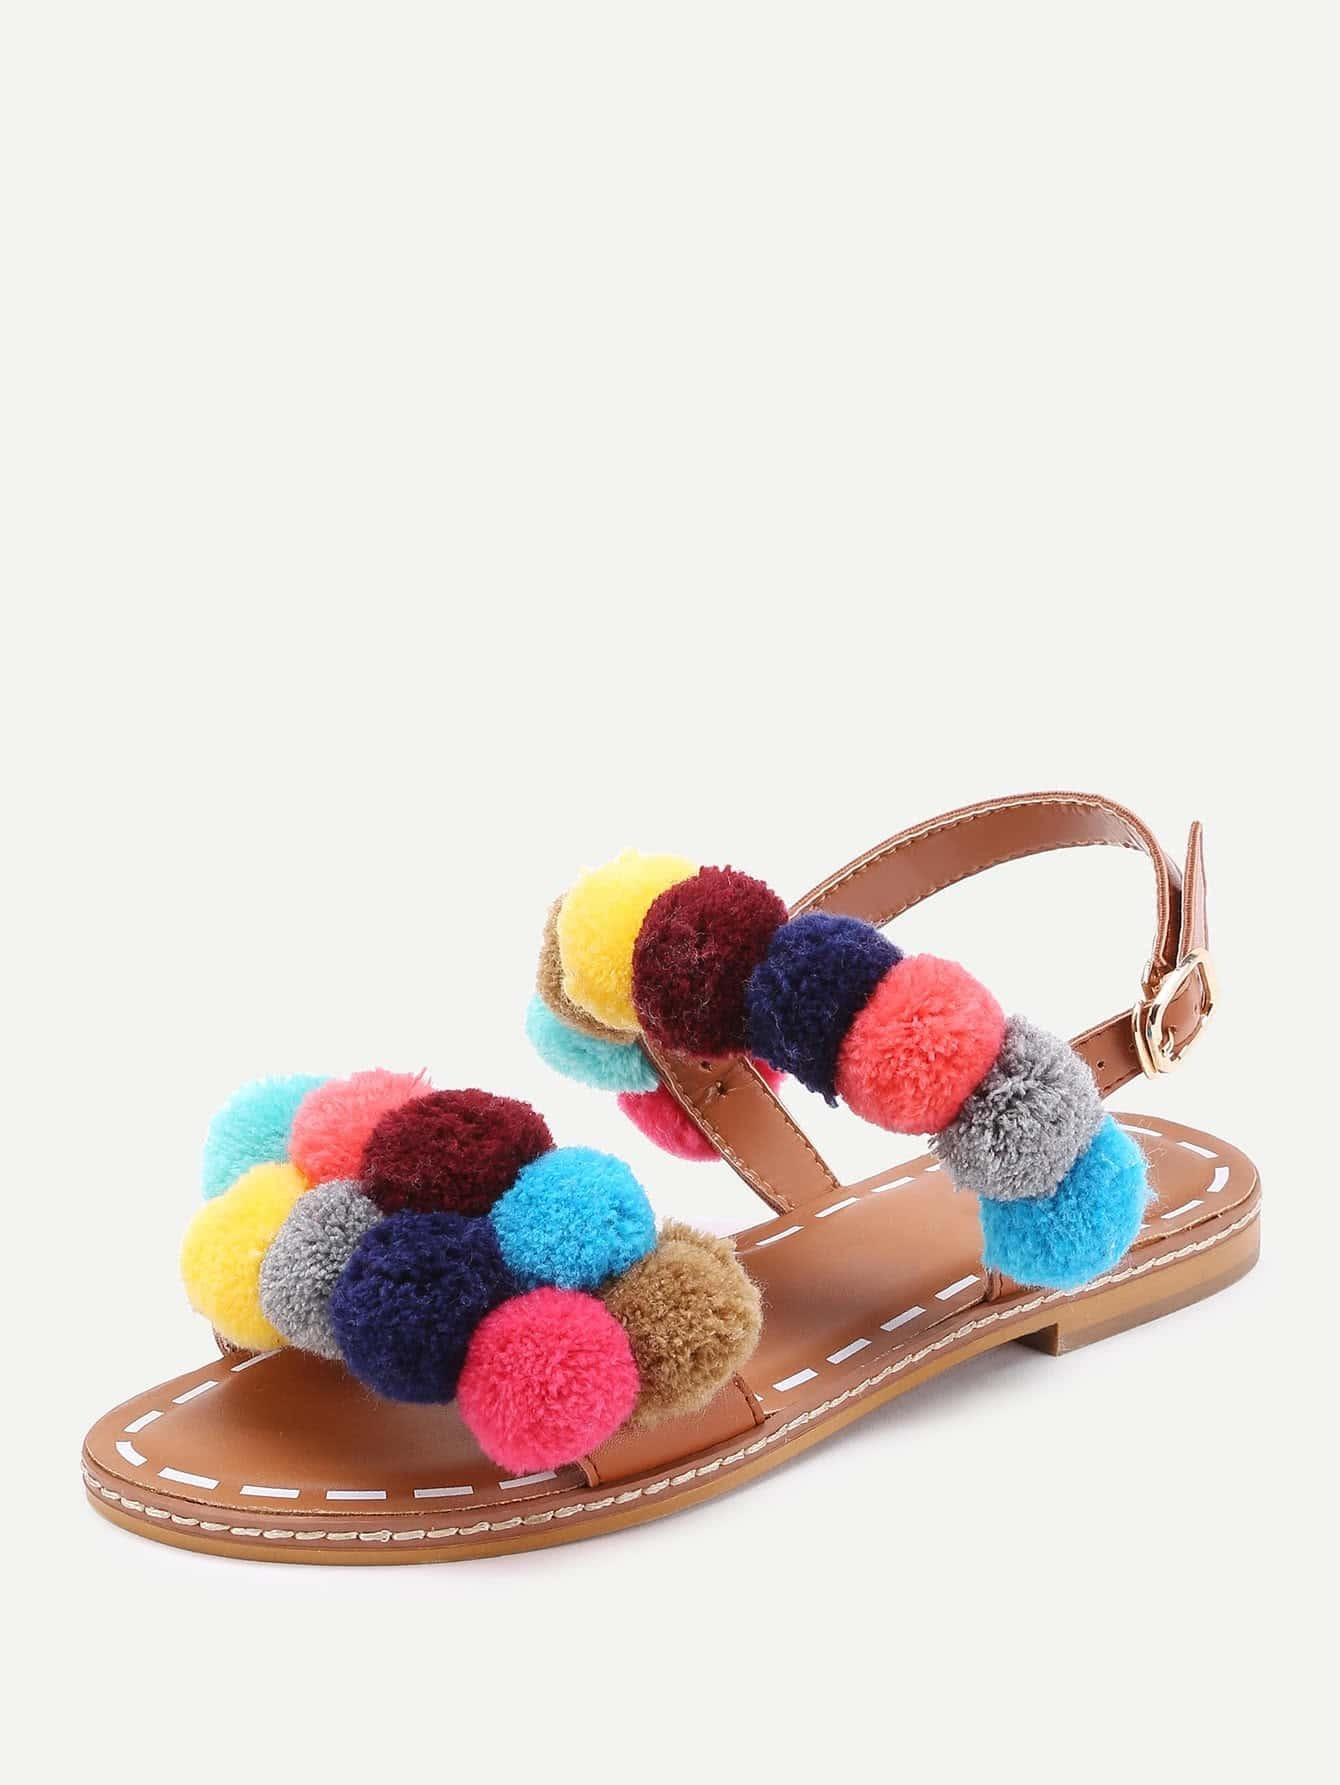 shoes170517814_2